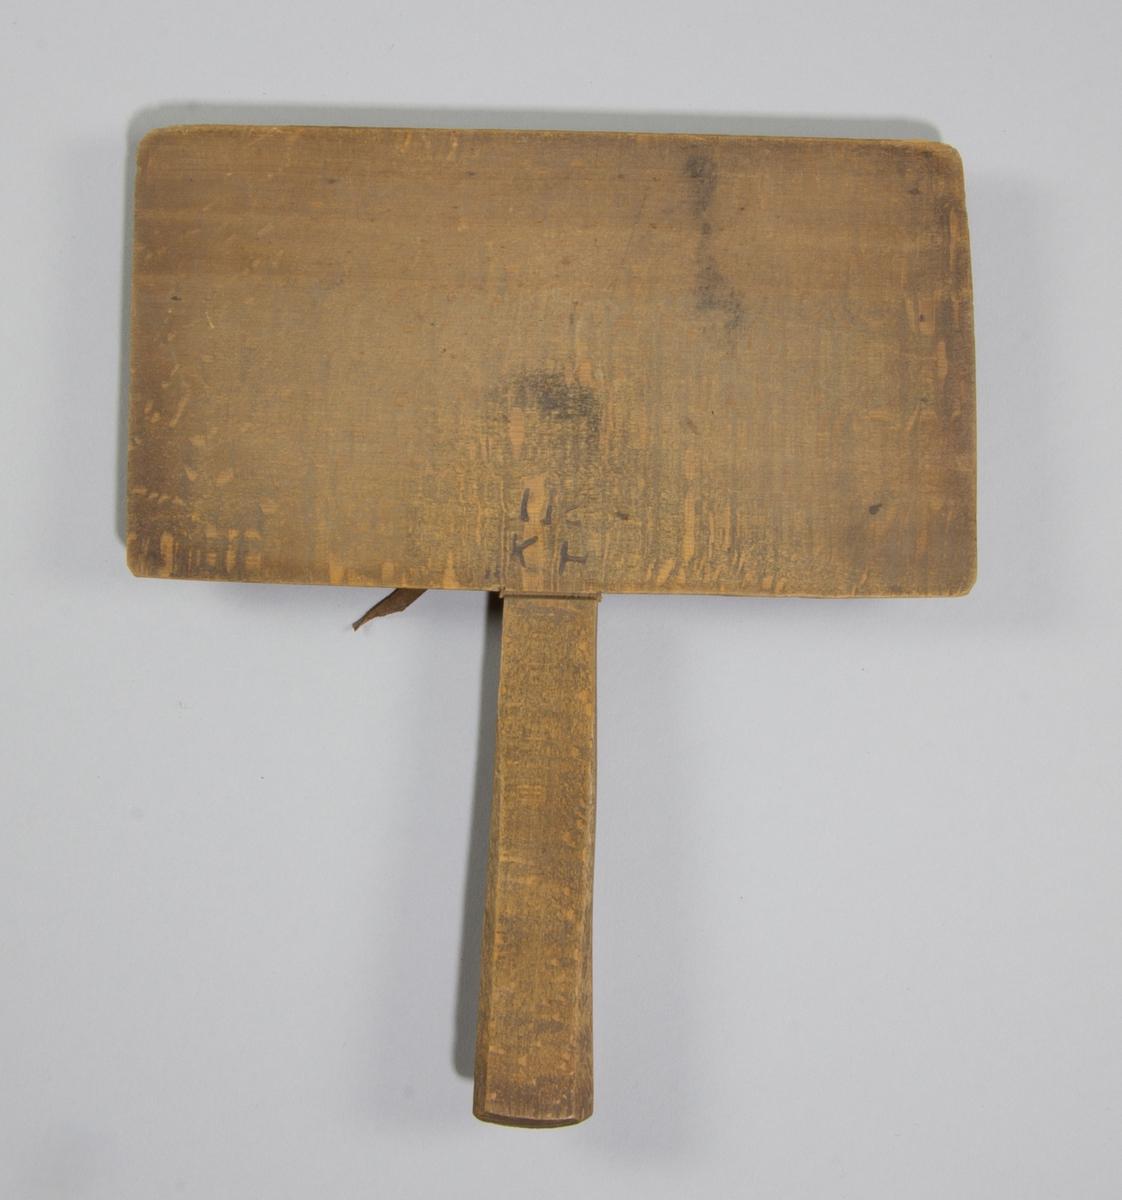 Karda bestående av en rektangulär platta med ett längre, smalt skaft, bokträ. Plattans insida täckt med piggar av ståltråd, trädda genom ett stycke skinn.